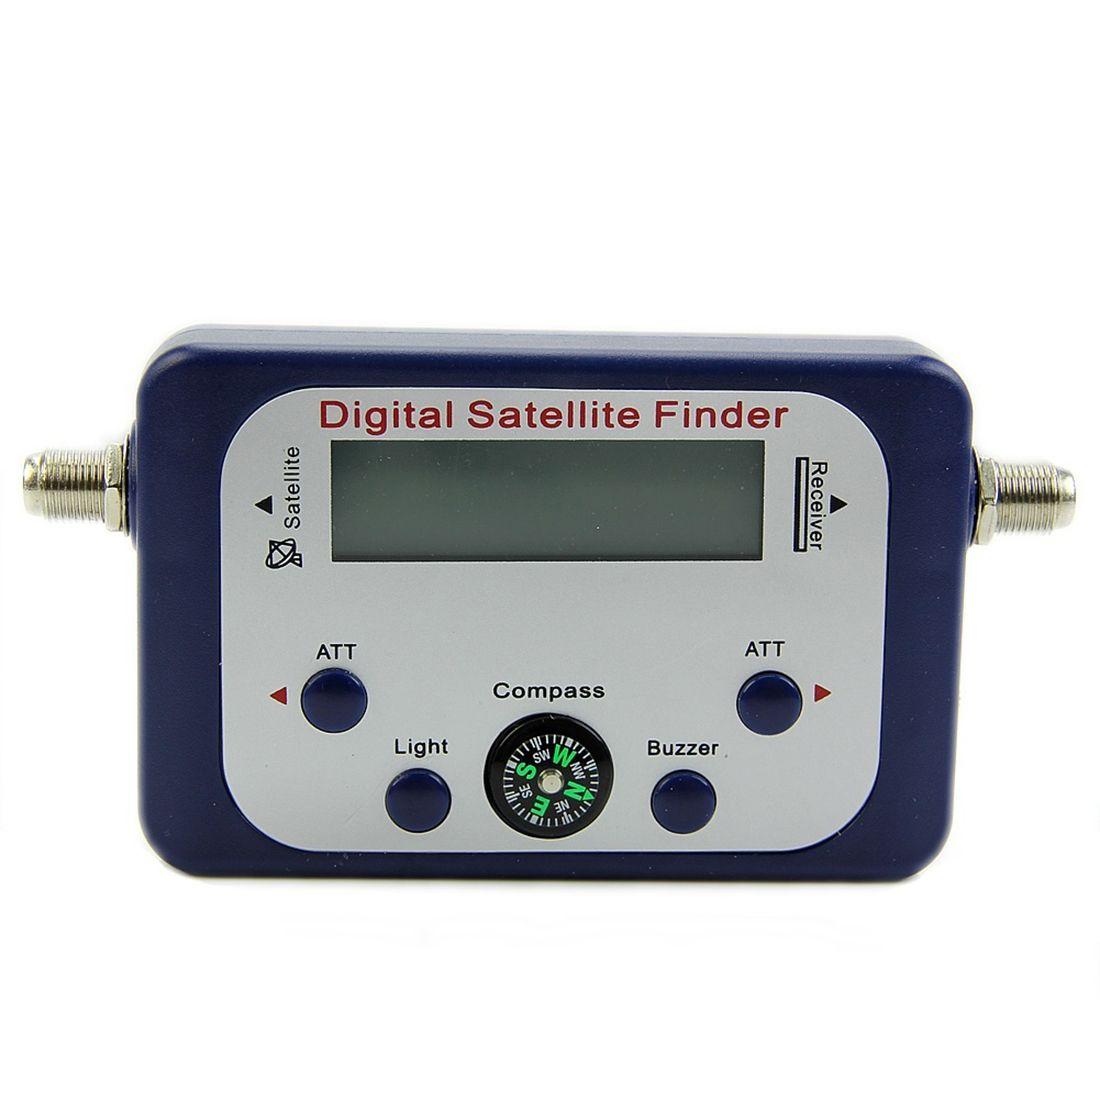 Цифровой ЖК-дисплей спутниковый искатель сидел искатель измеритель силы сигнала Sky блюдо freesat синий